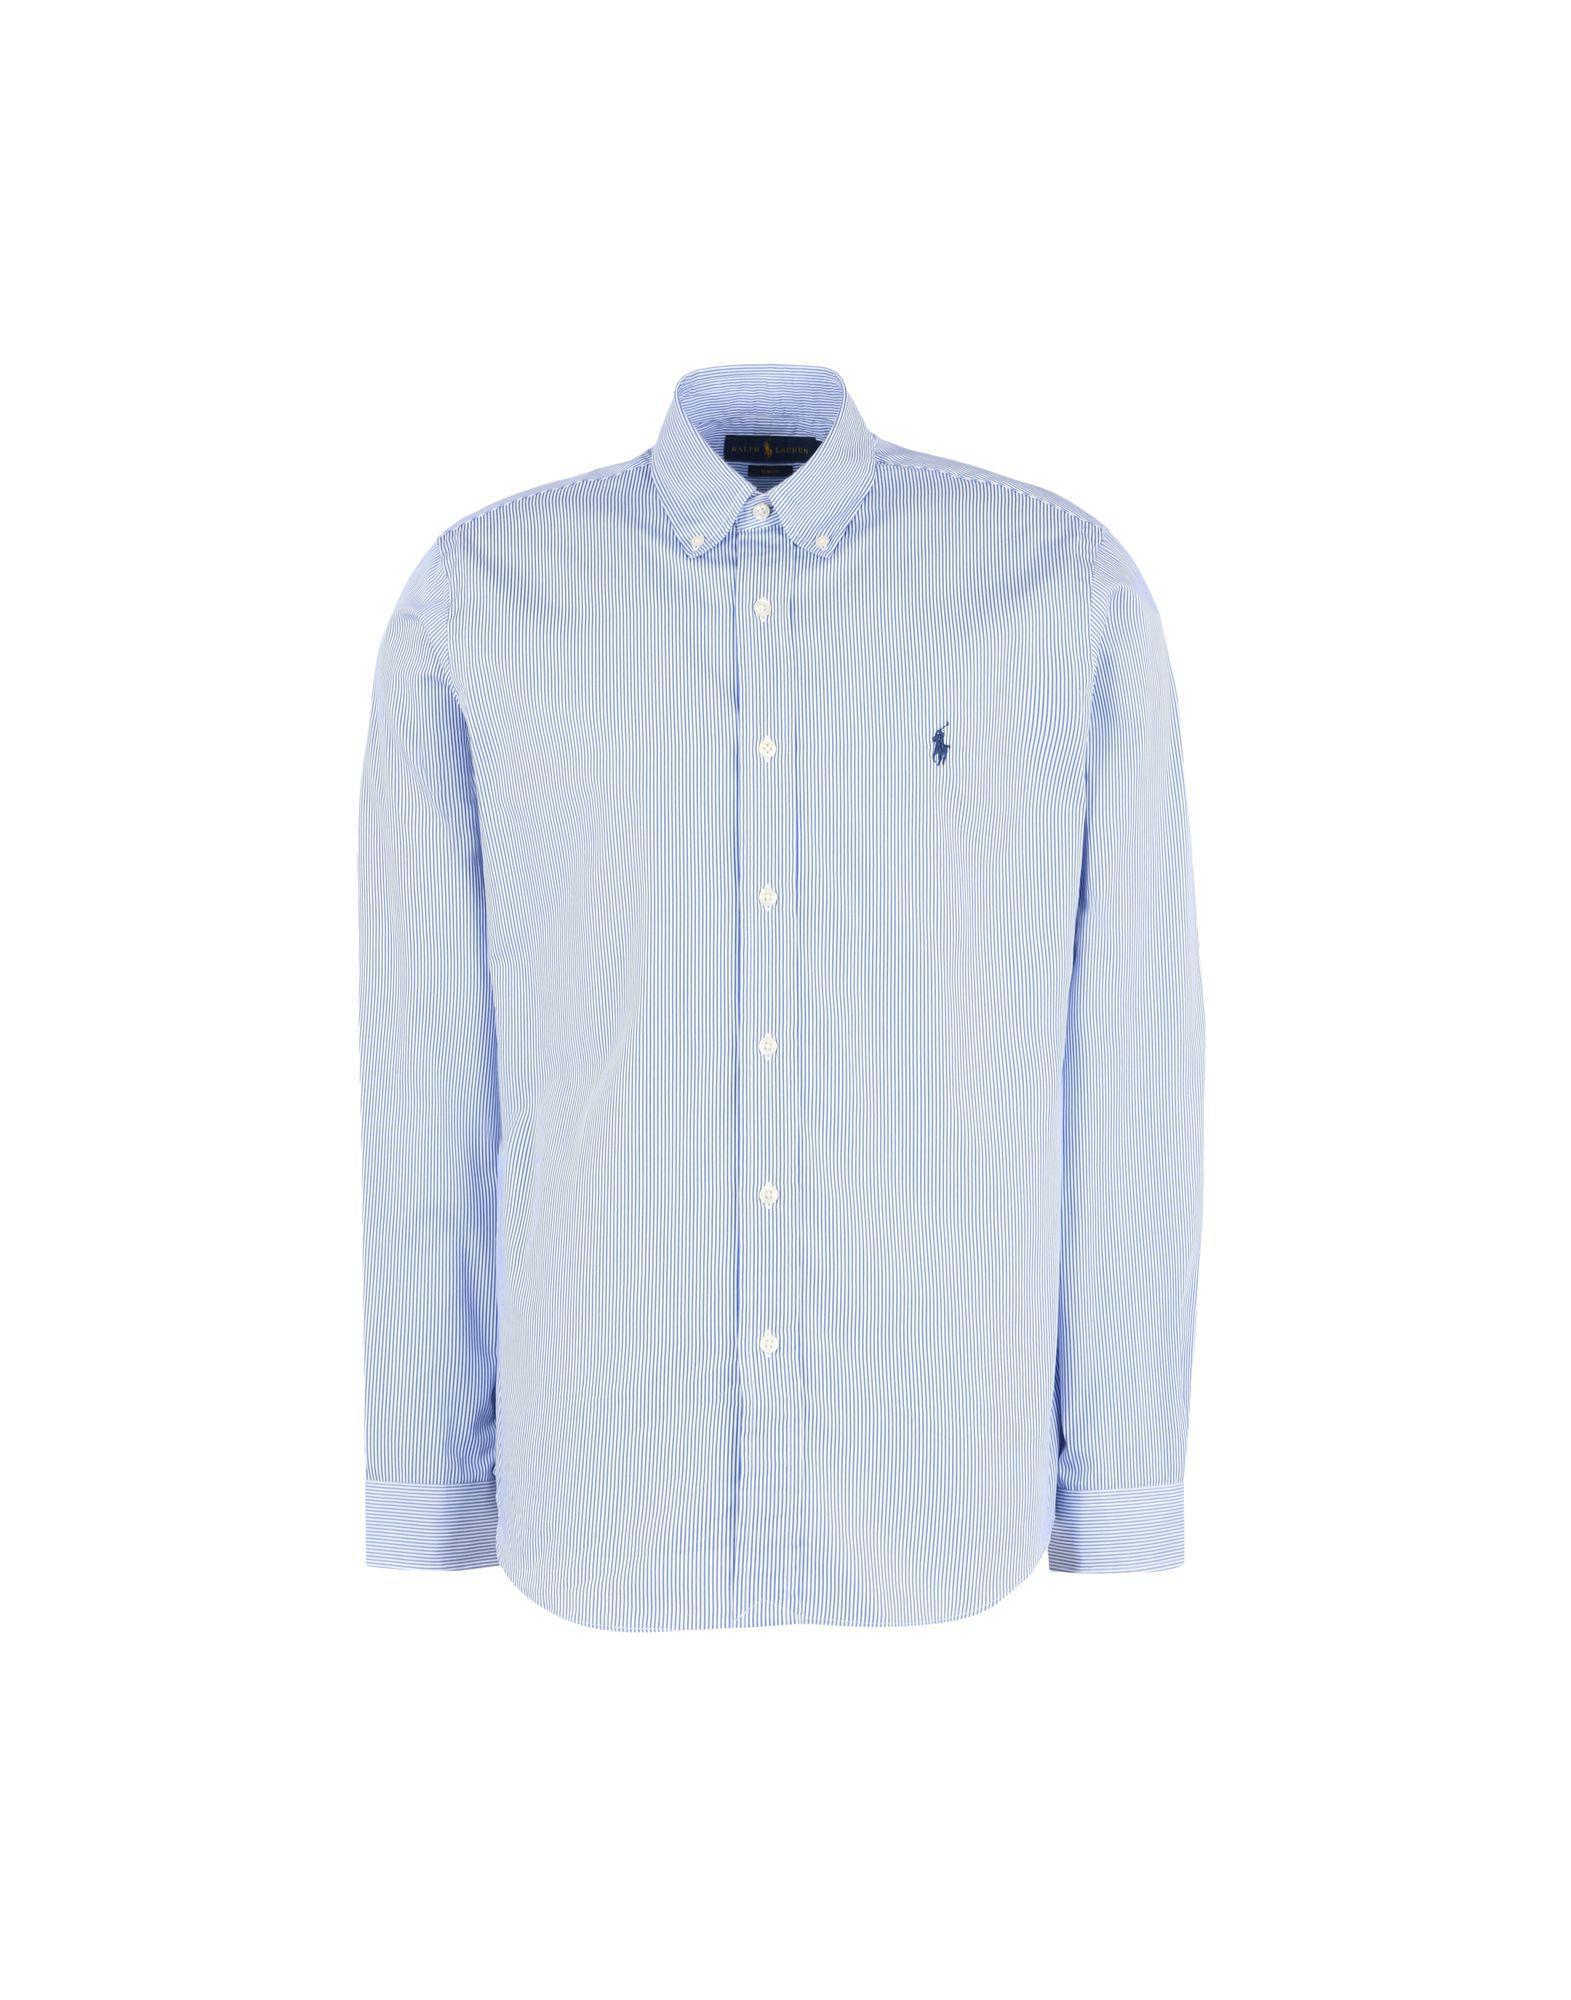 8d44bedc849 Polo Ralph Lauren Shirt in Blue for Men - Lyst